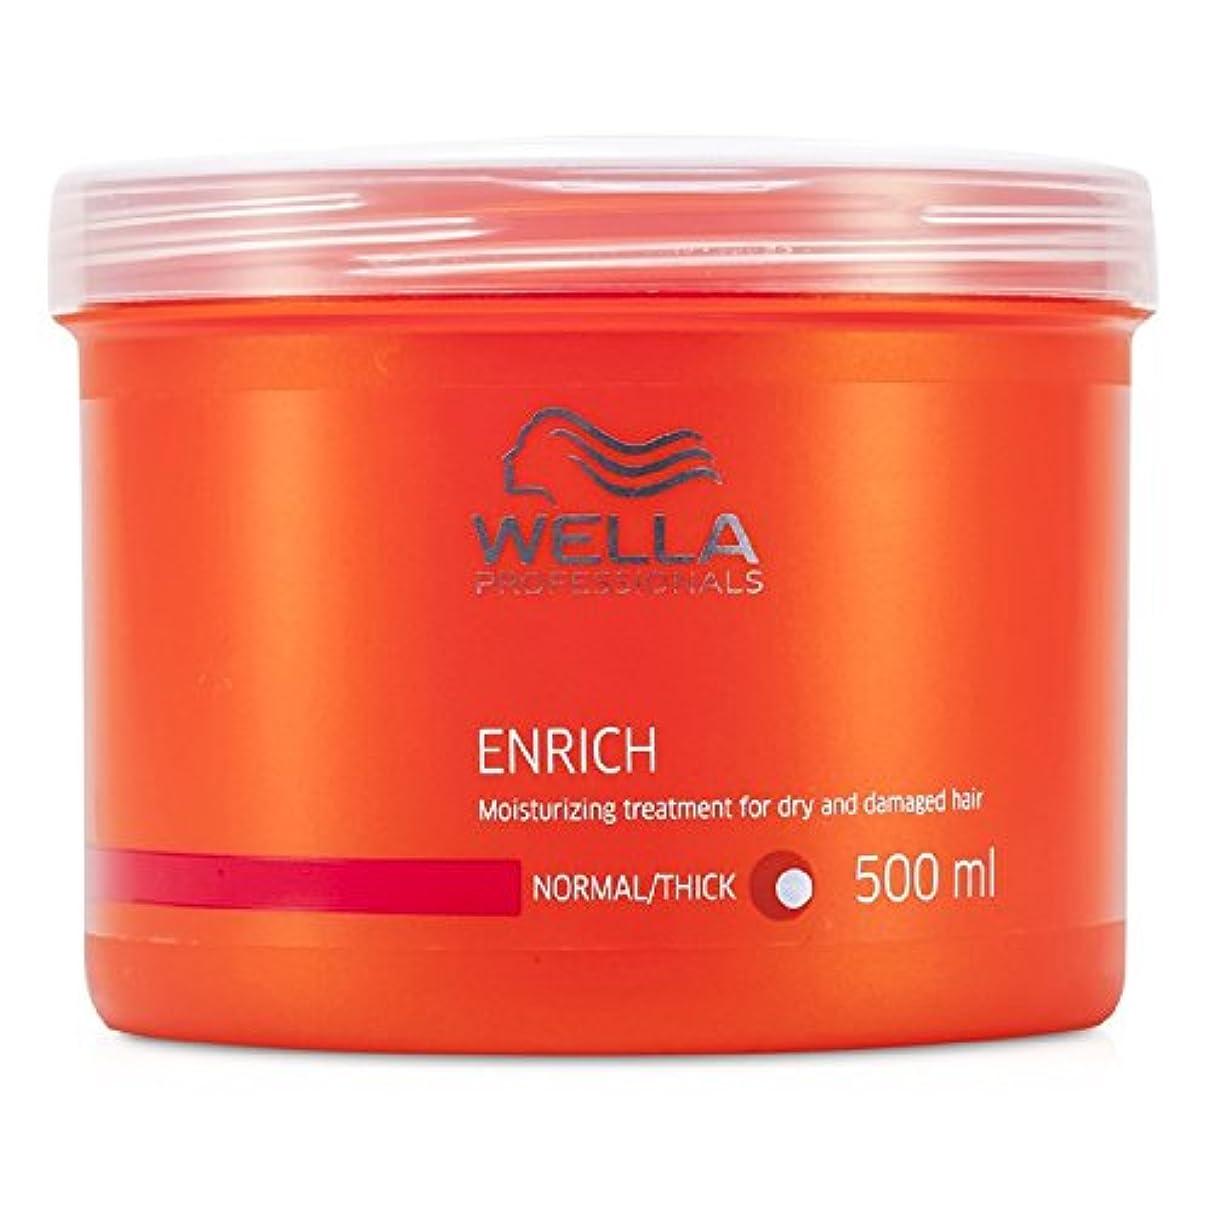 要求するサンダーけん引ウエラ エンリッチ モイスチャライジング トリートメント (普通/かたい髪、ダメージを受けた髪) 500ml/16.7oz並行輸入品